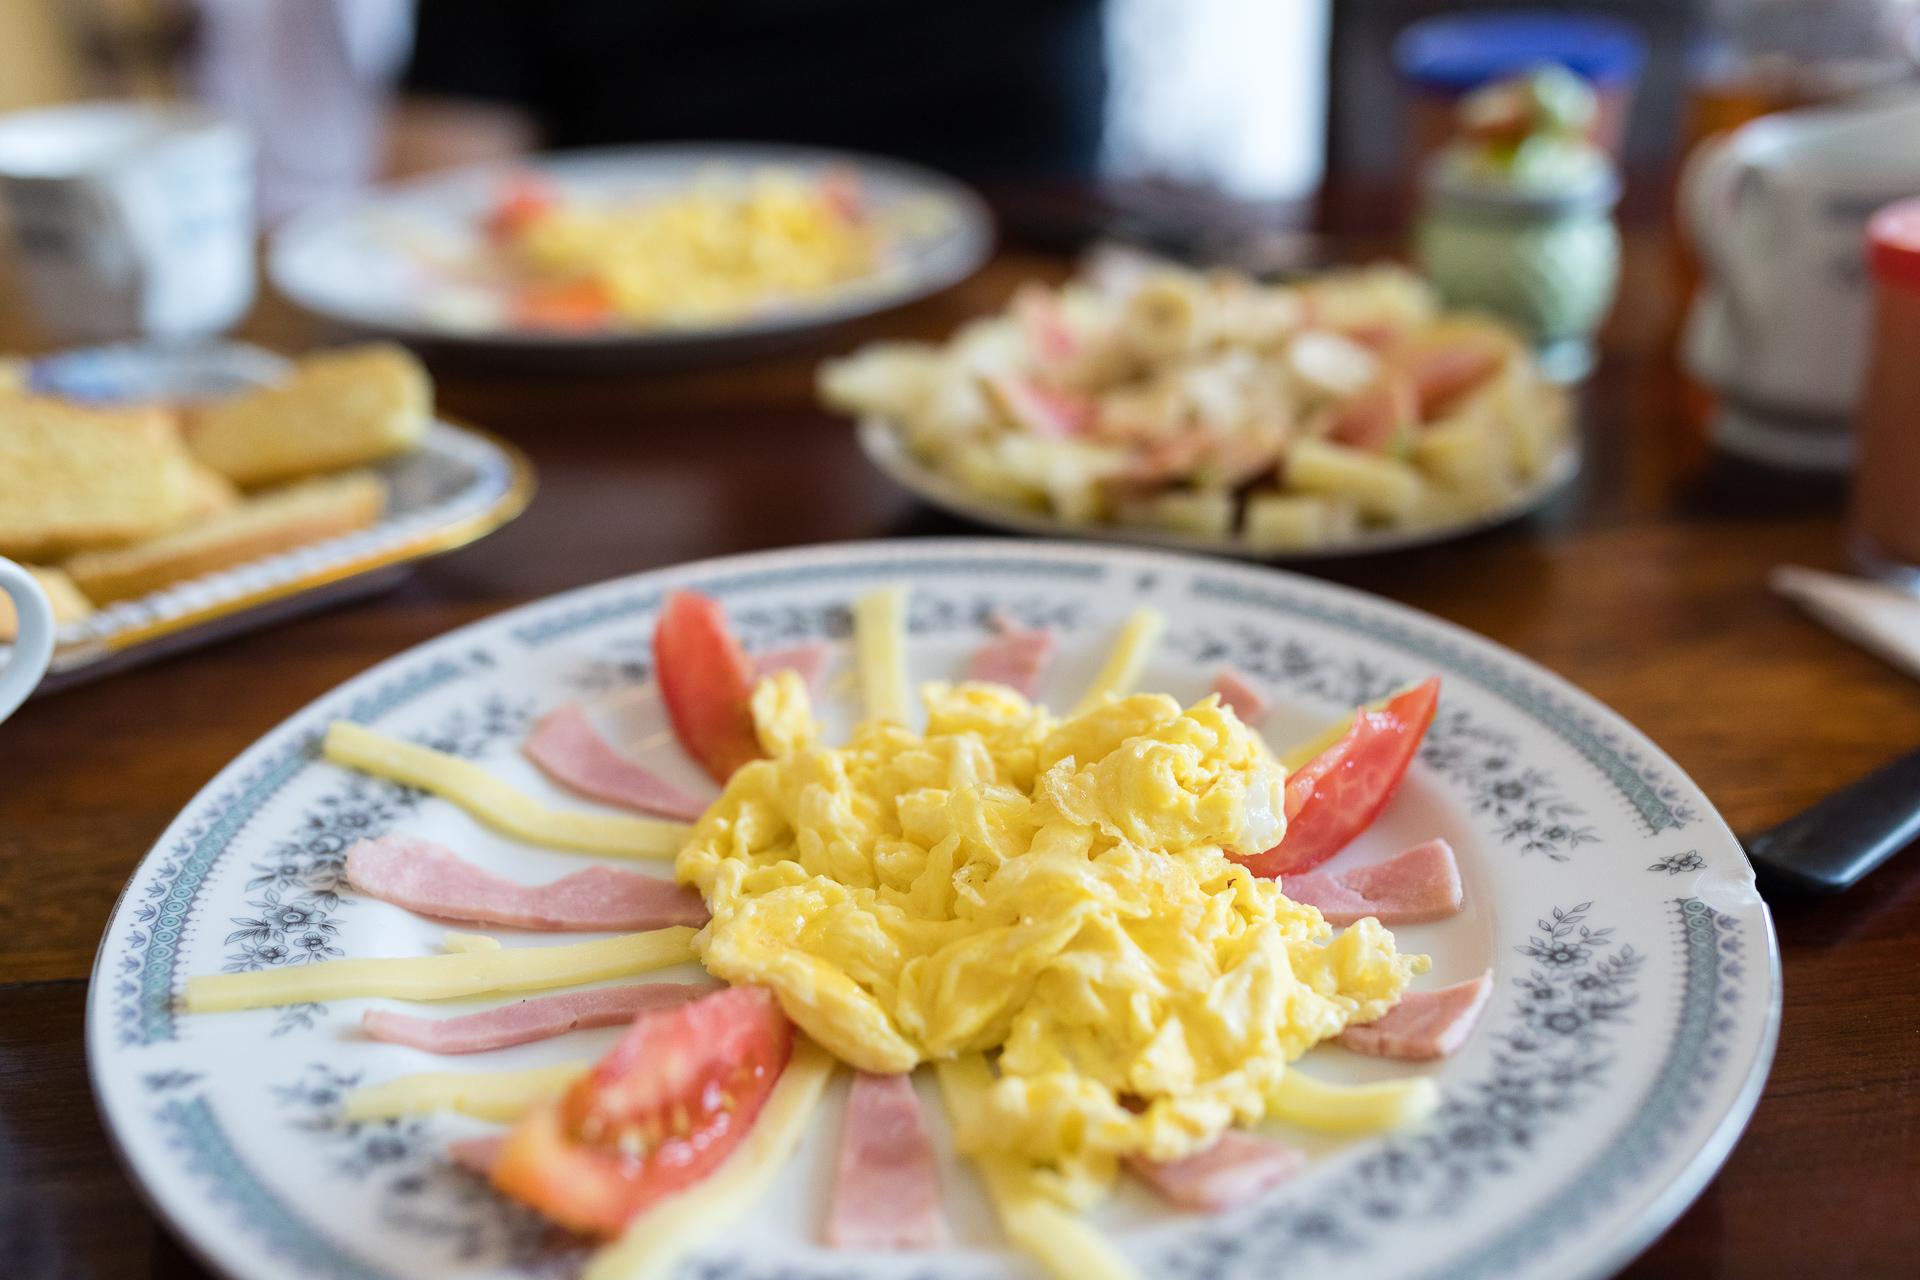 Bild: Frühstück in einer Casa Particular in Kuba